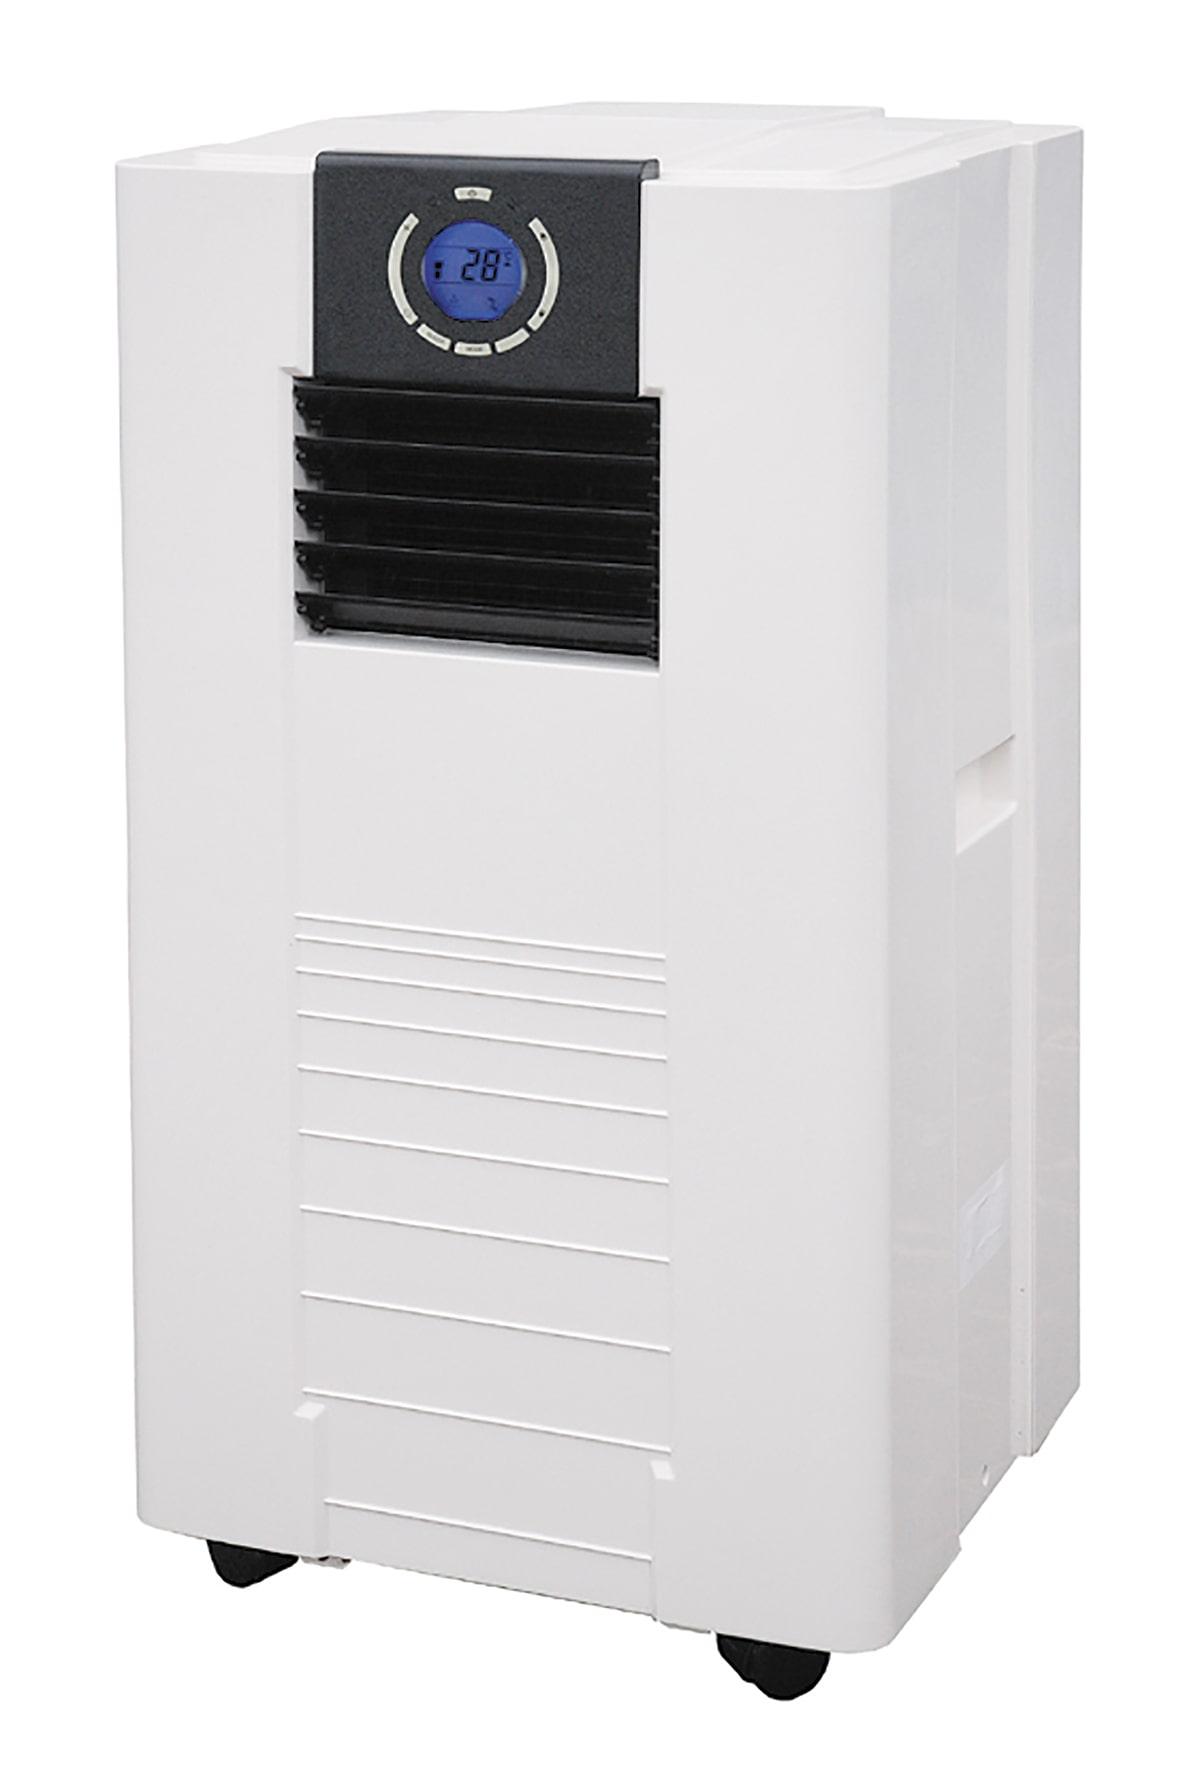 Portable Air Conditioner Medium 240v 37Kg